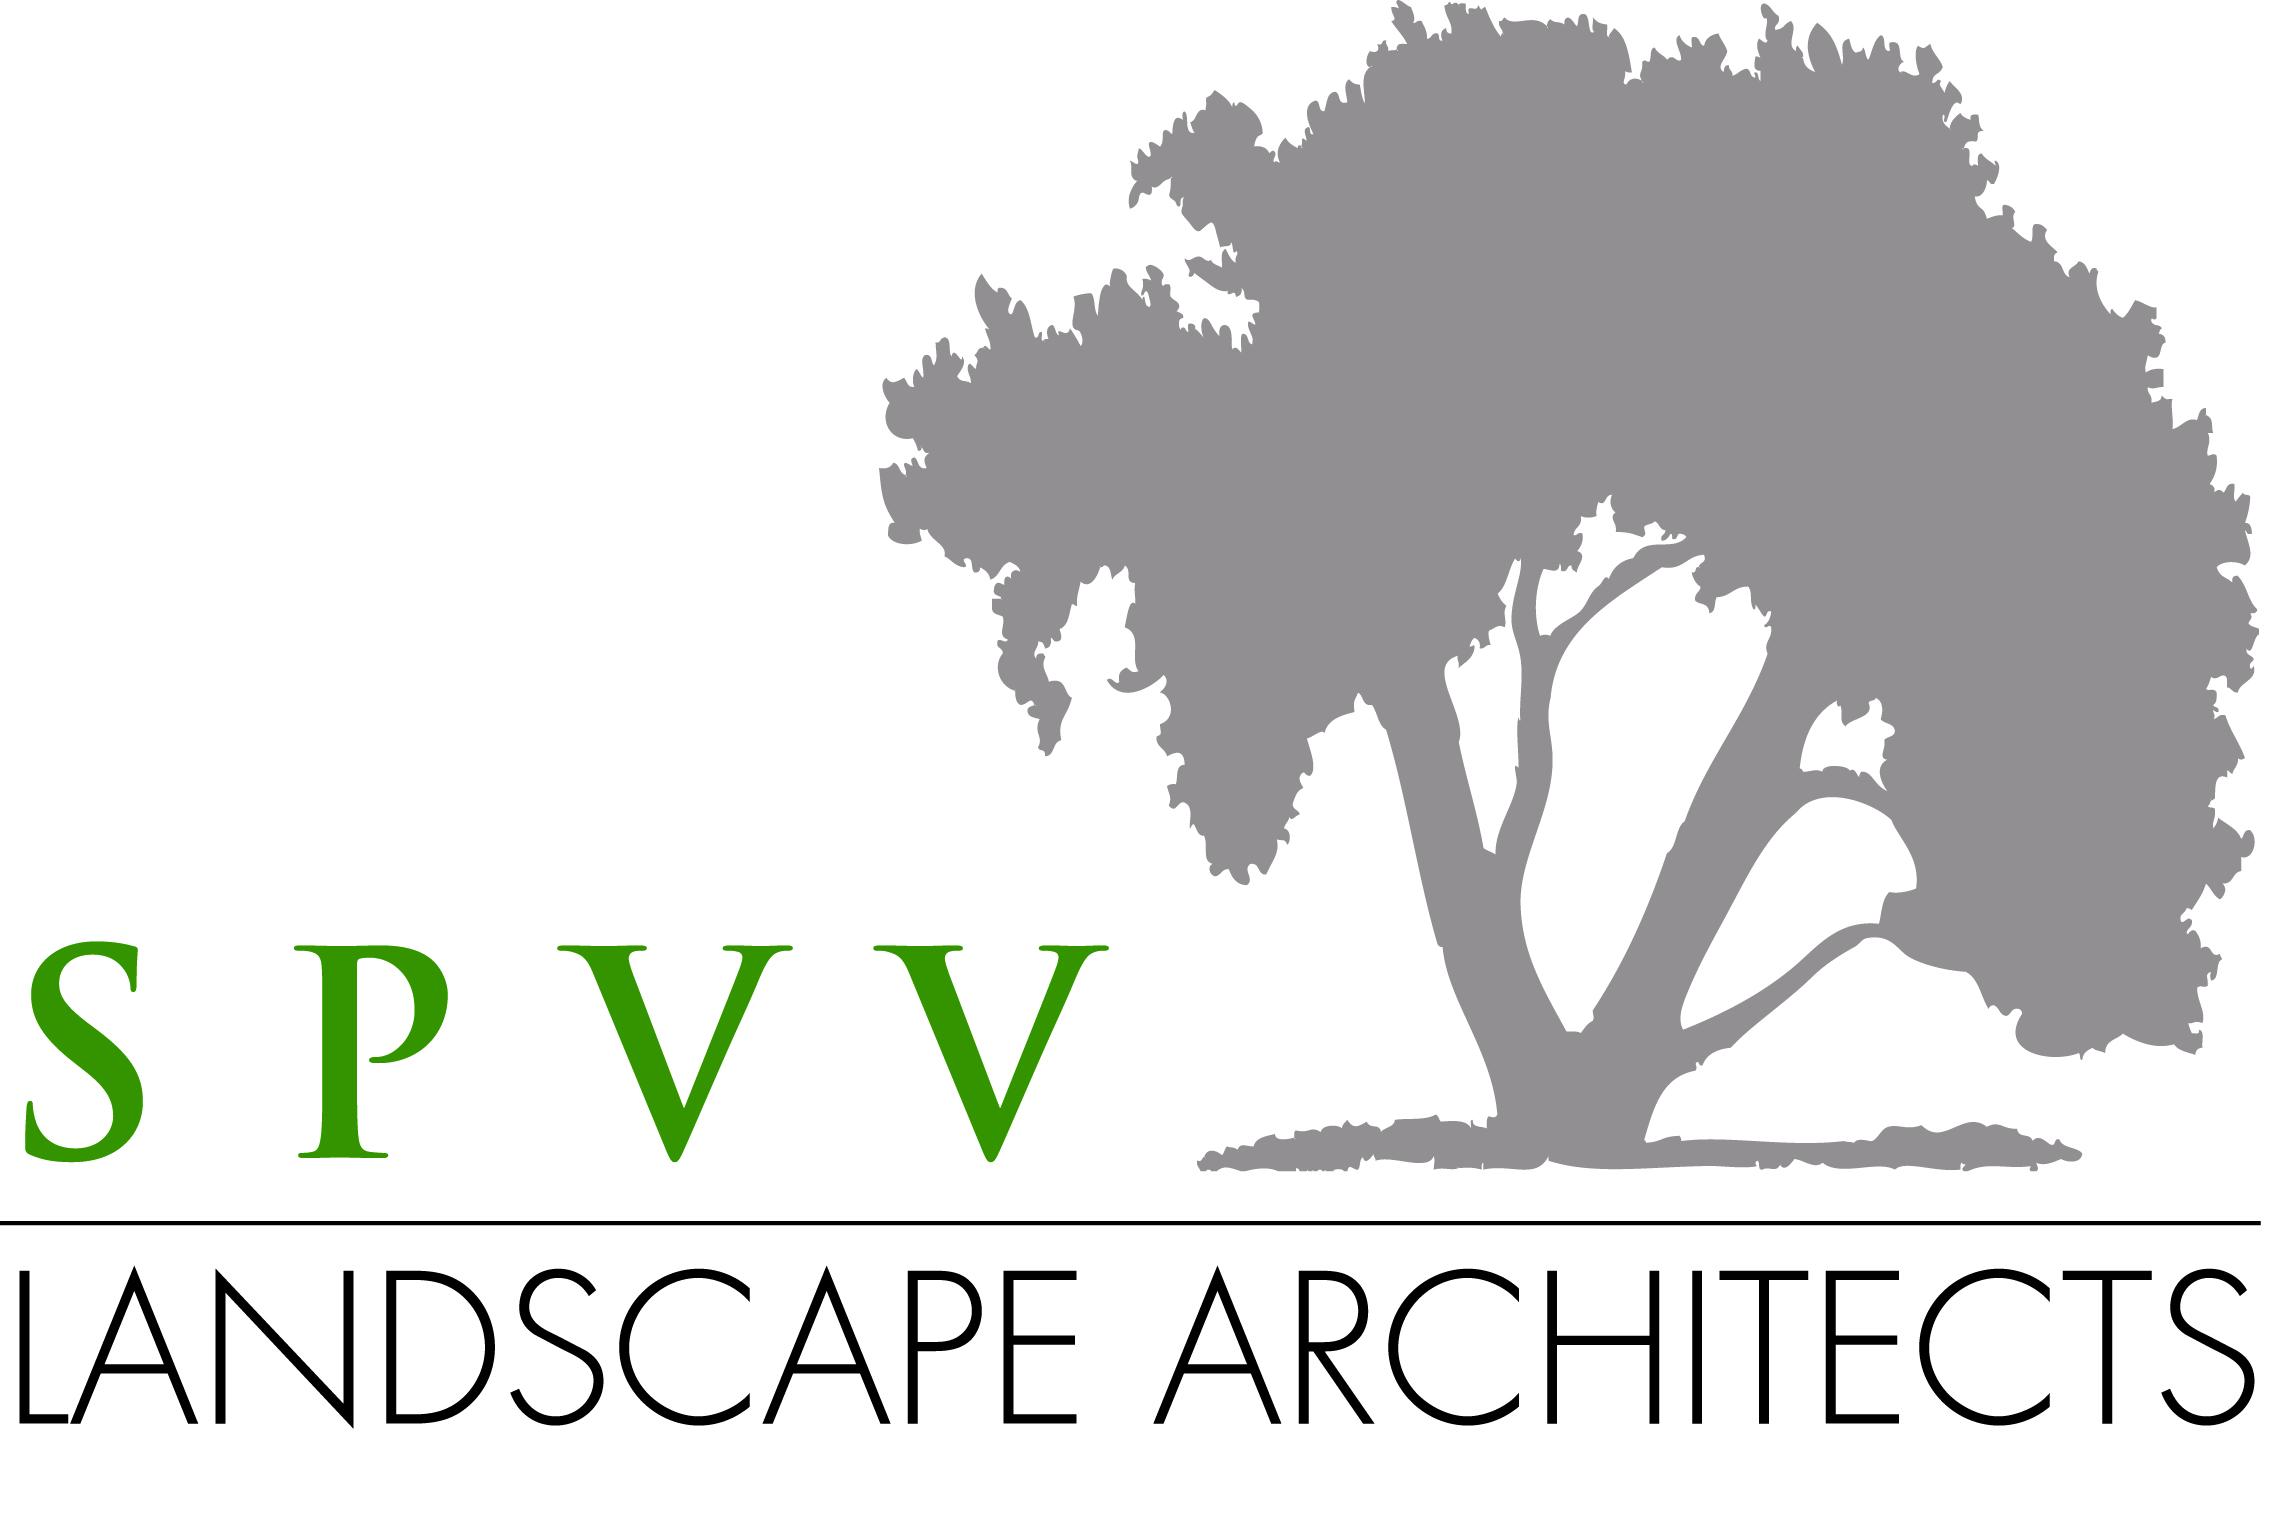 SPVV Landscape Architects